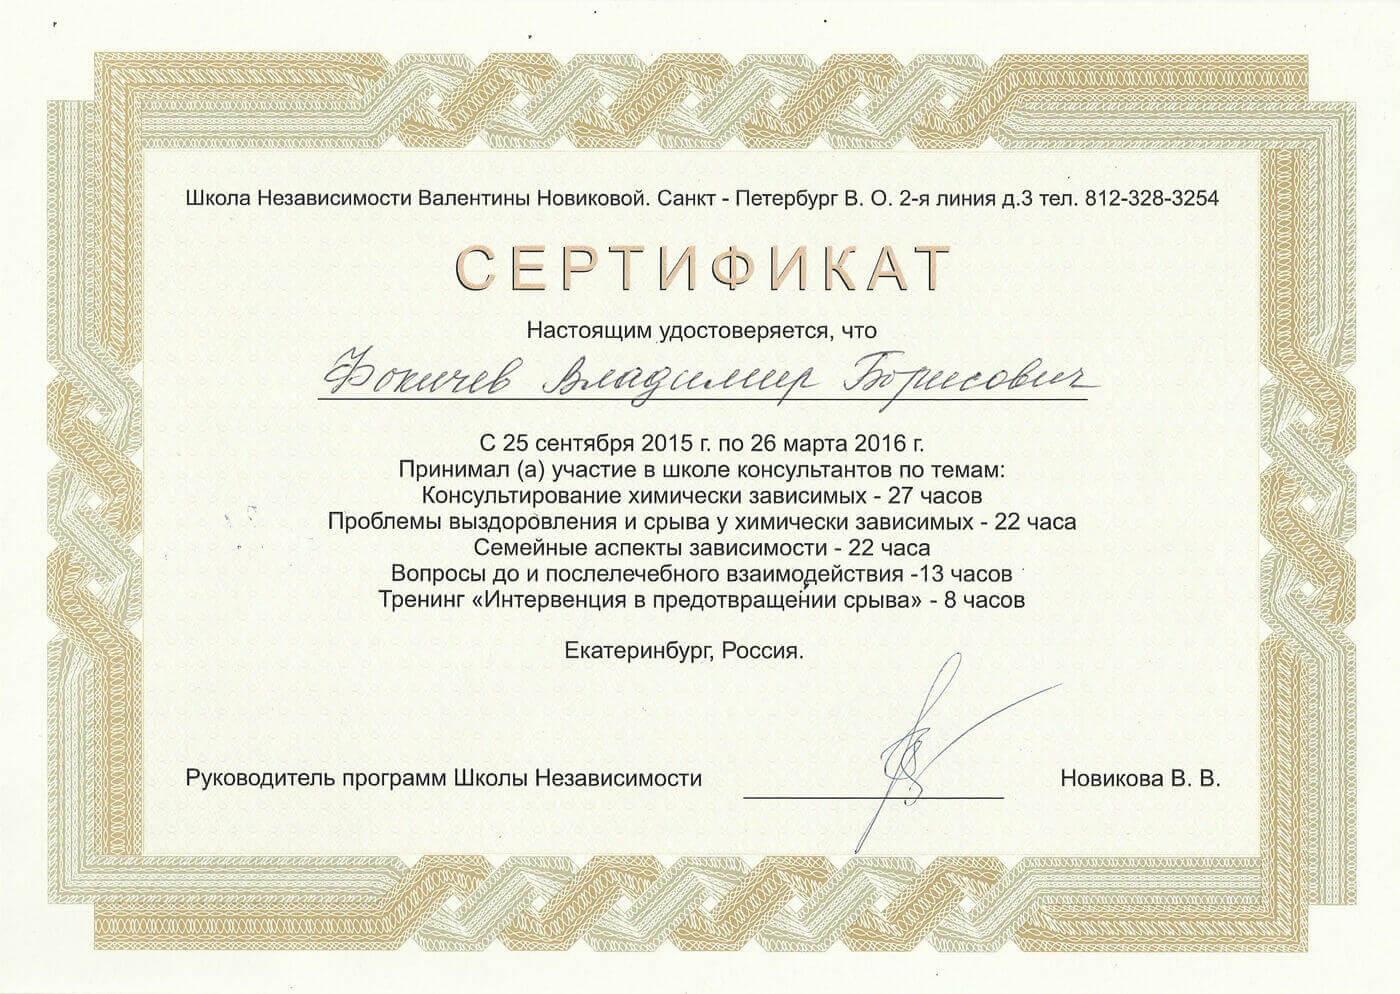 Сертификат Фокичев В. Б. - принял участие в школе консультантов